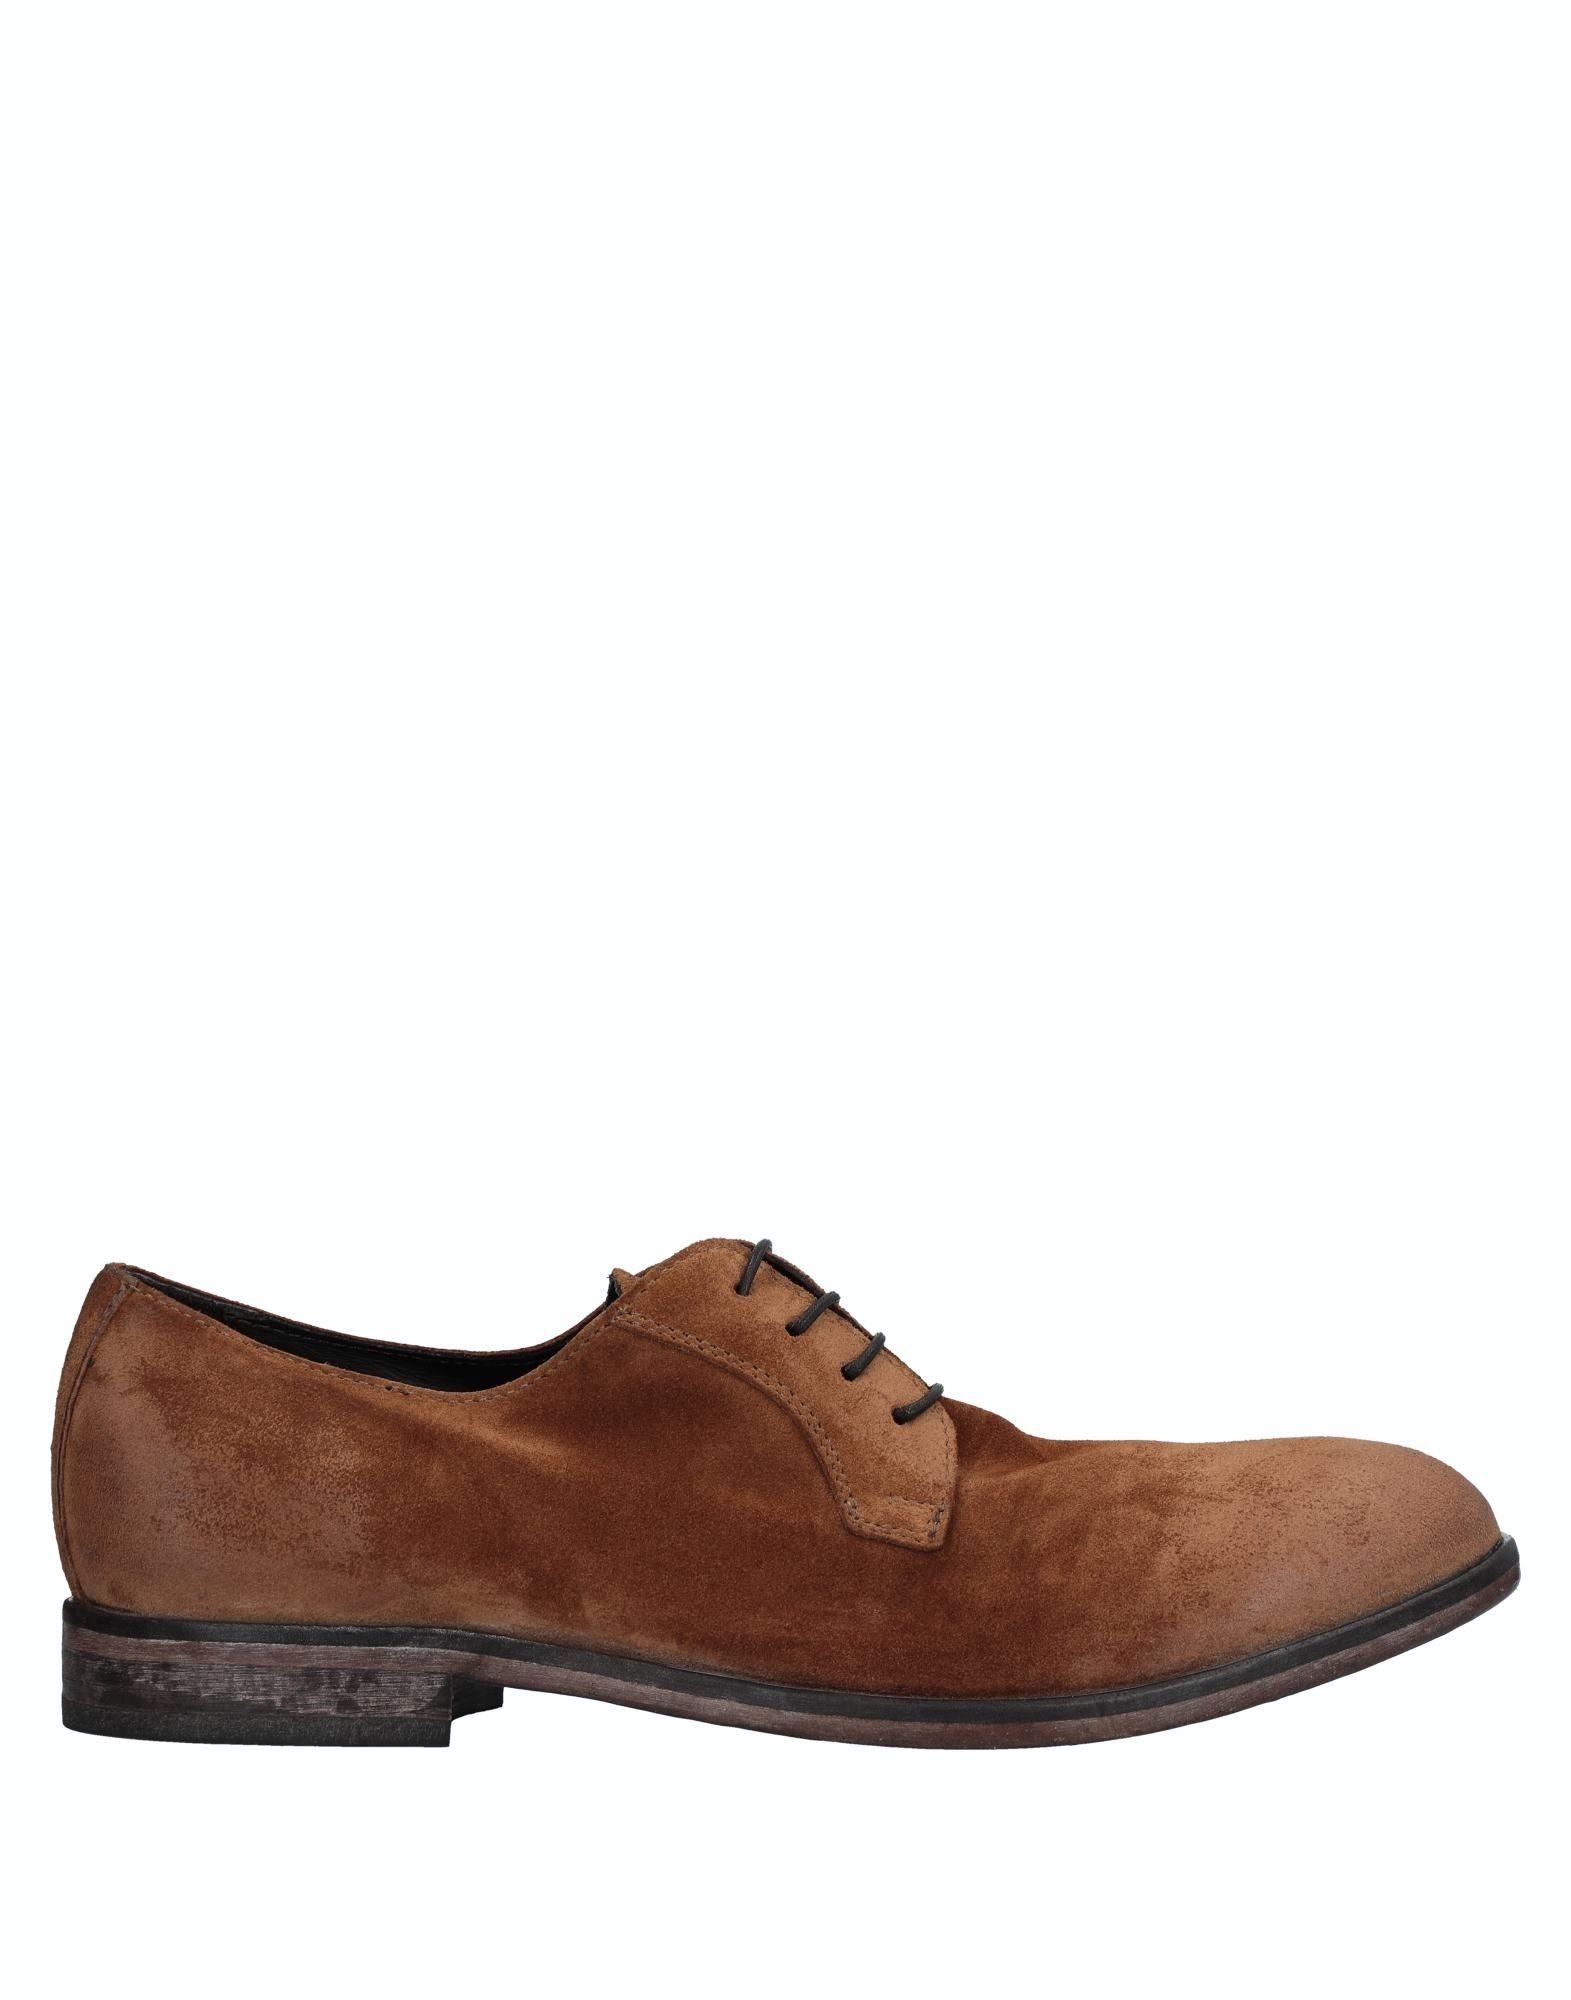 Moma Schnürschuhe Herren  11518707LE Gute Qualität beliebte Schuhe